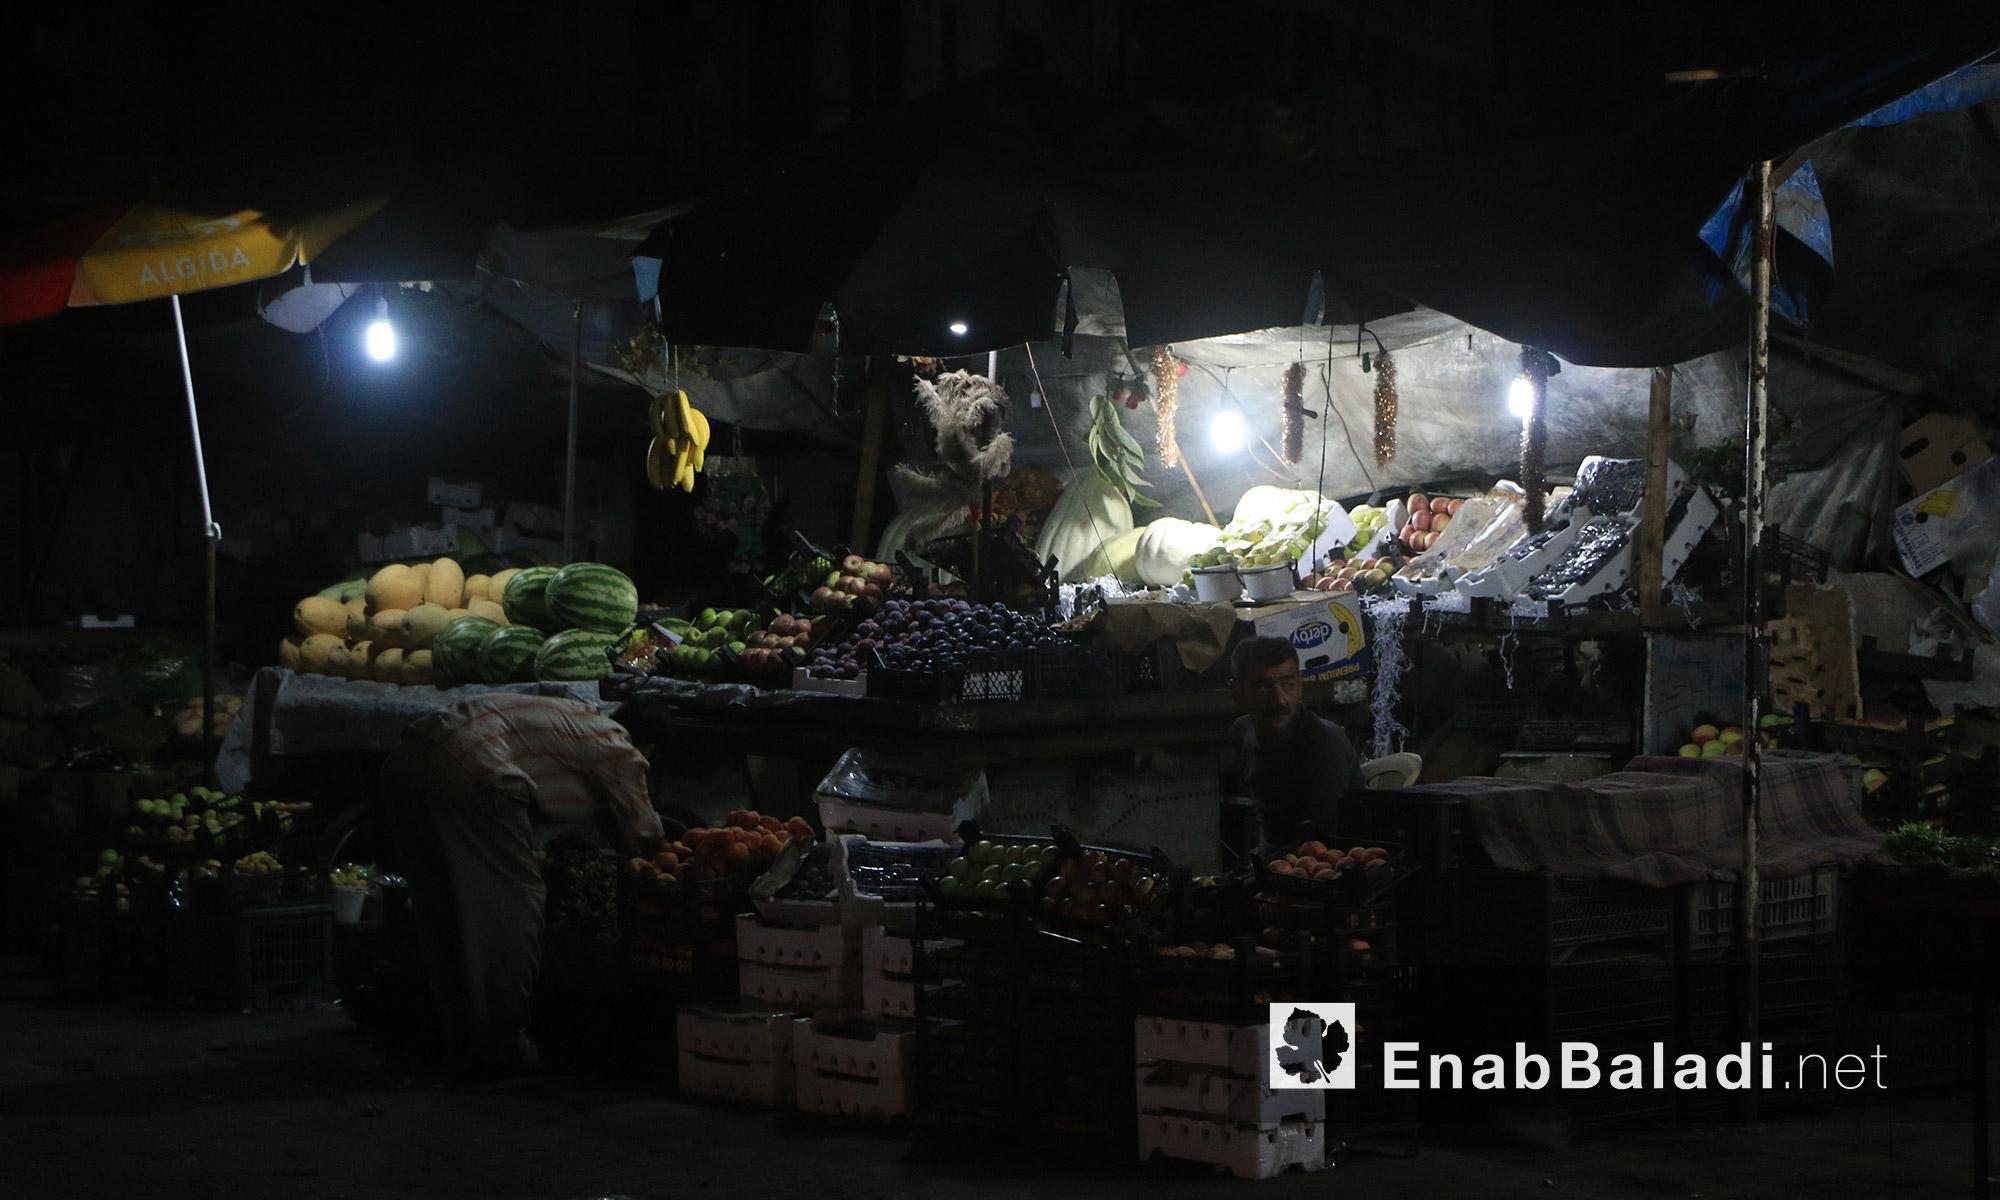 عربات الخضار والفواكه داخل حي الشعار في مدينة حلب - السبت 20 آب (عنب بلدي)